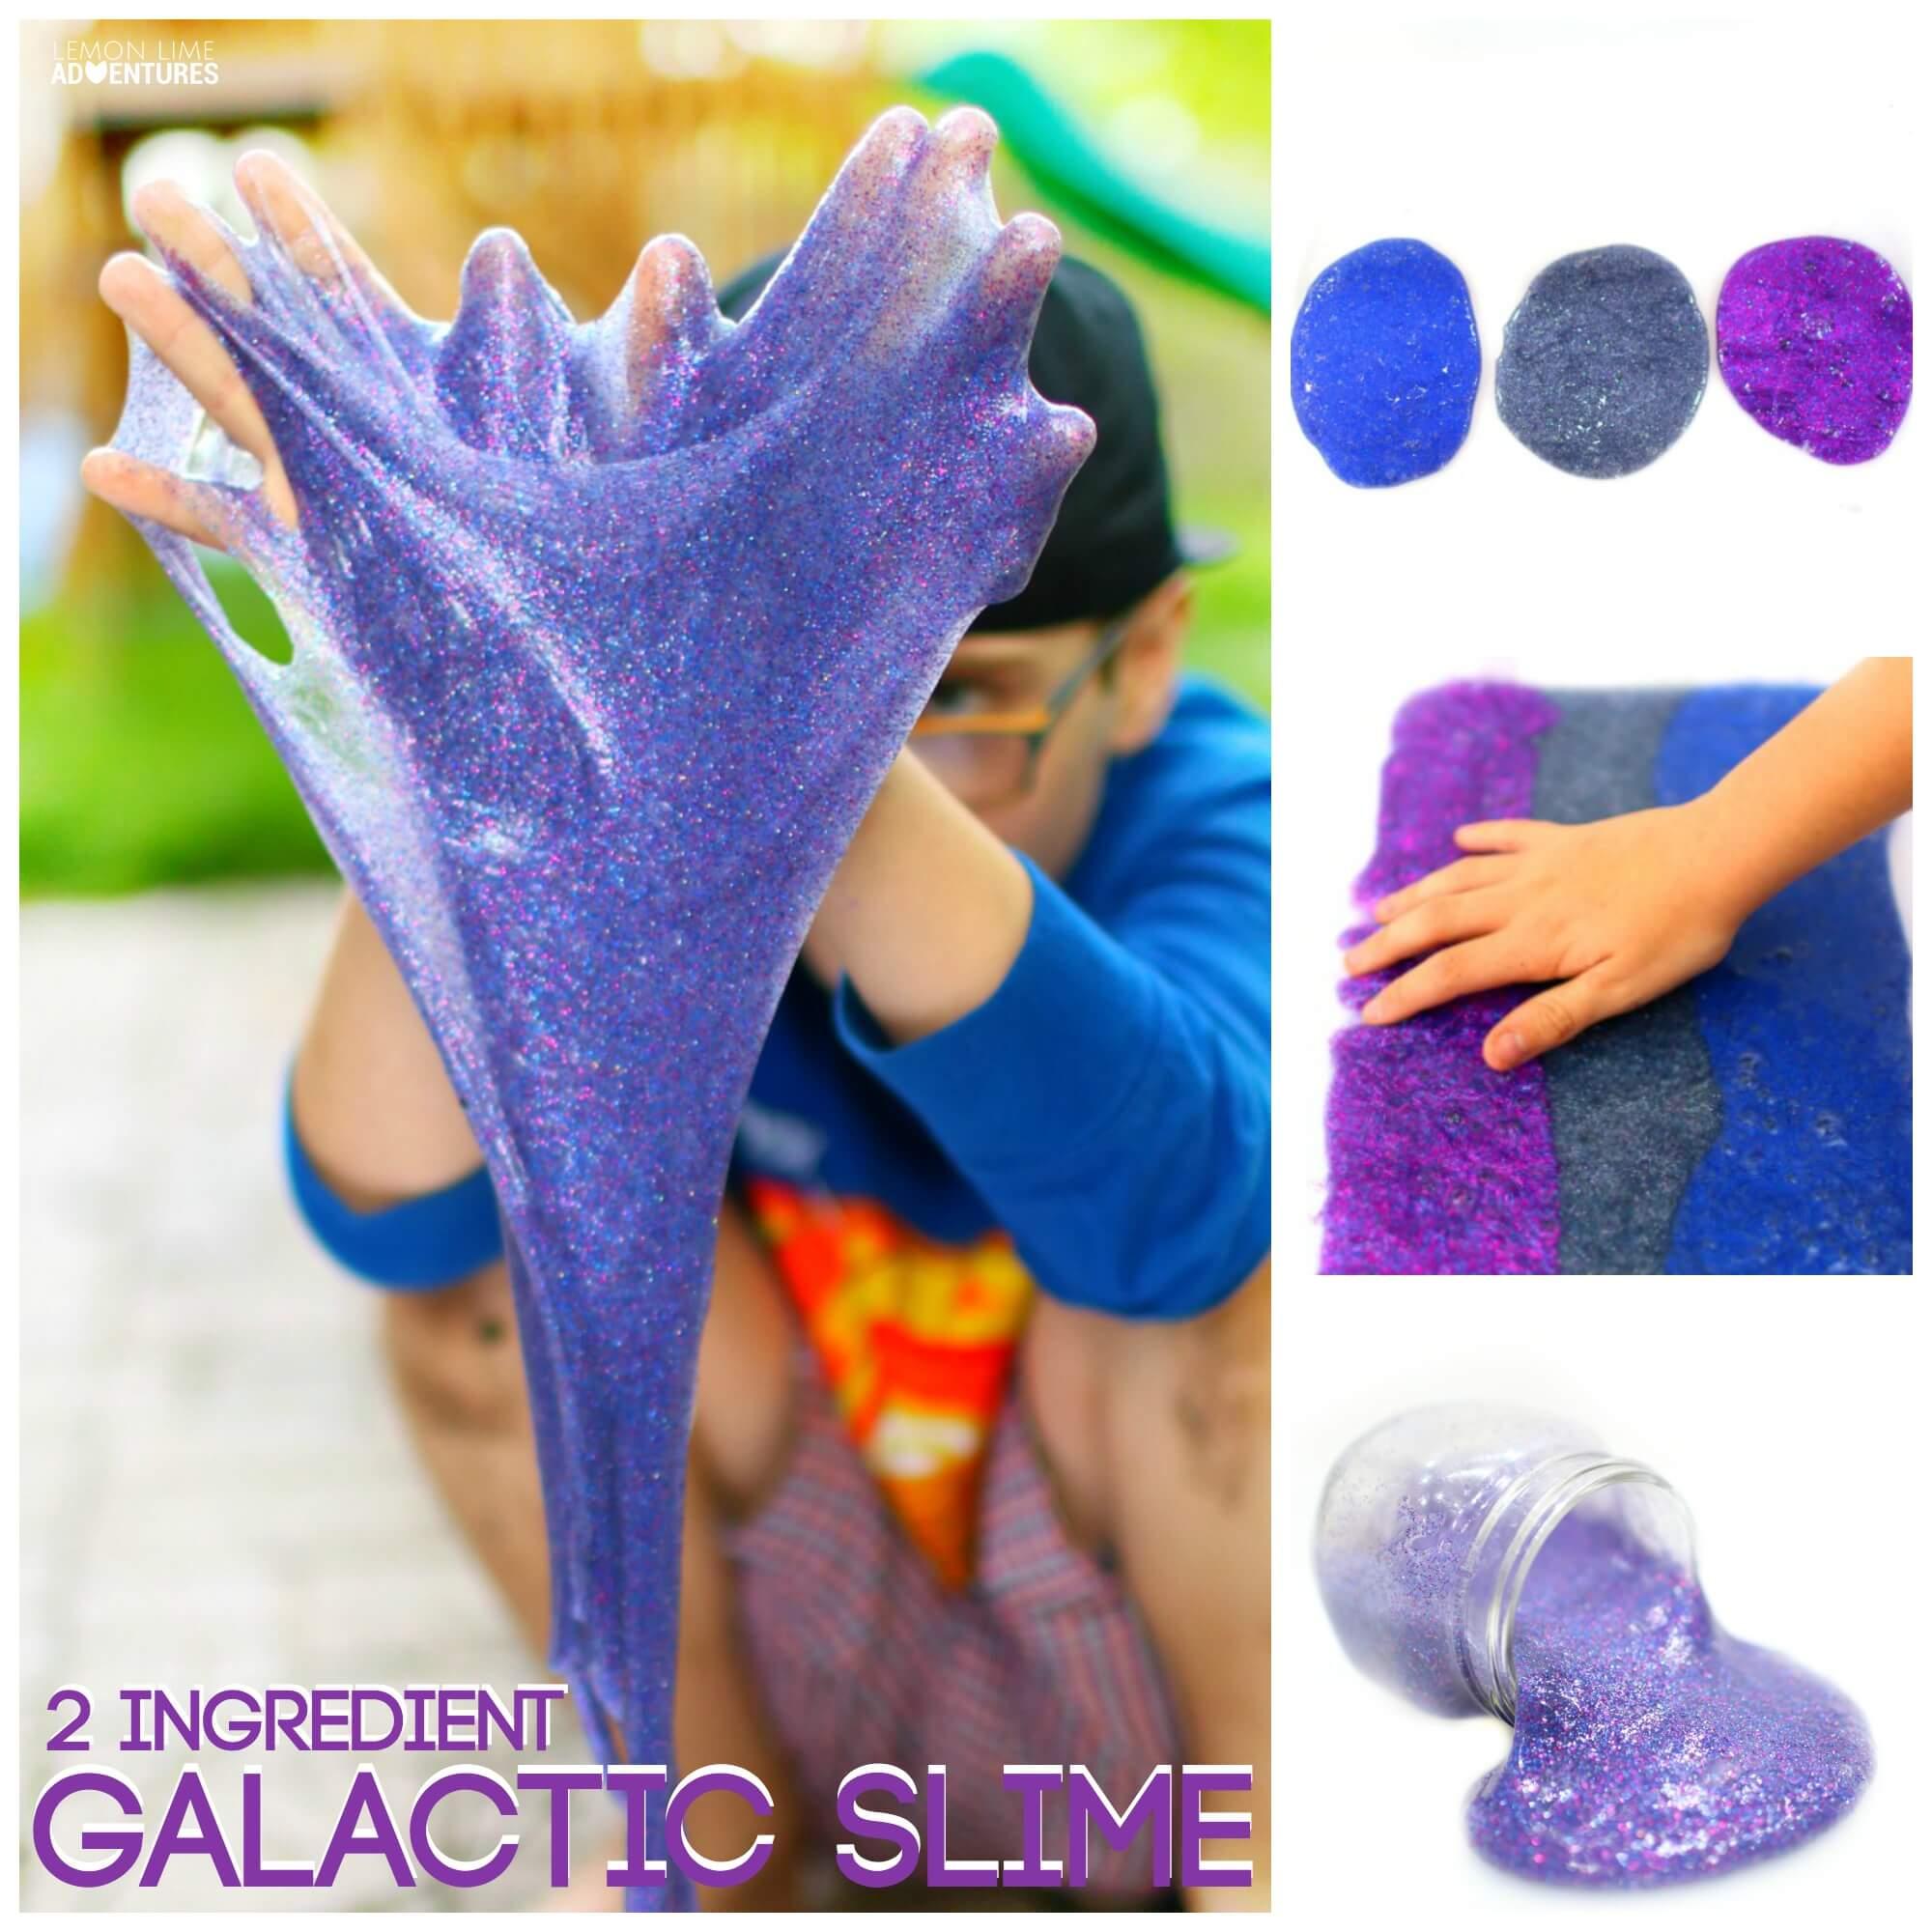 2 ingredient Galactic Slime Recipe